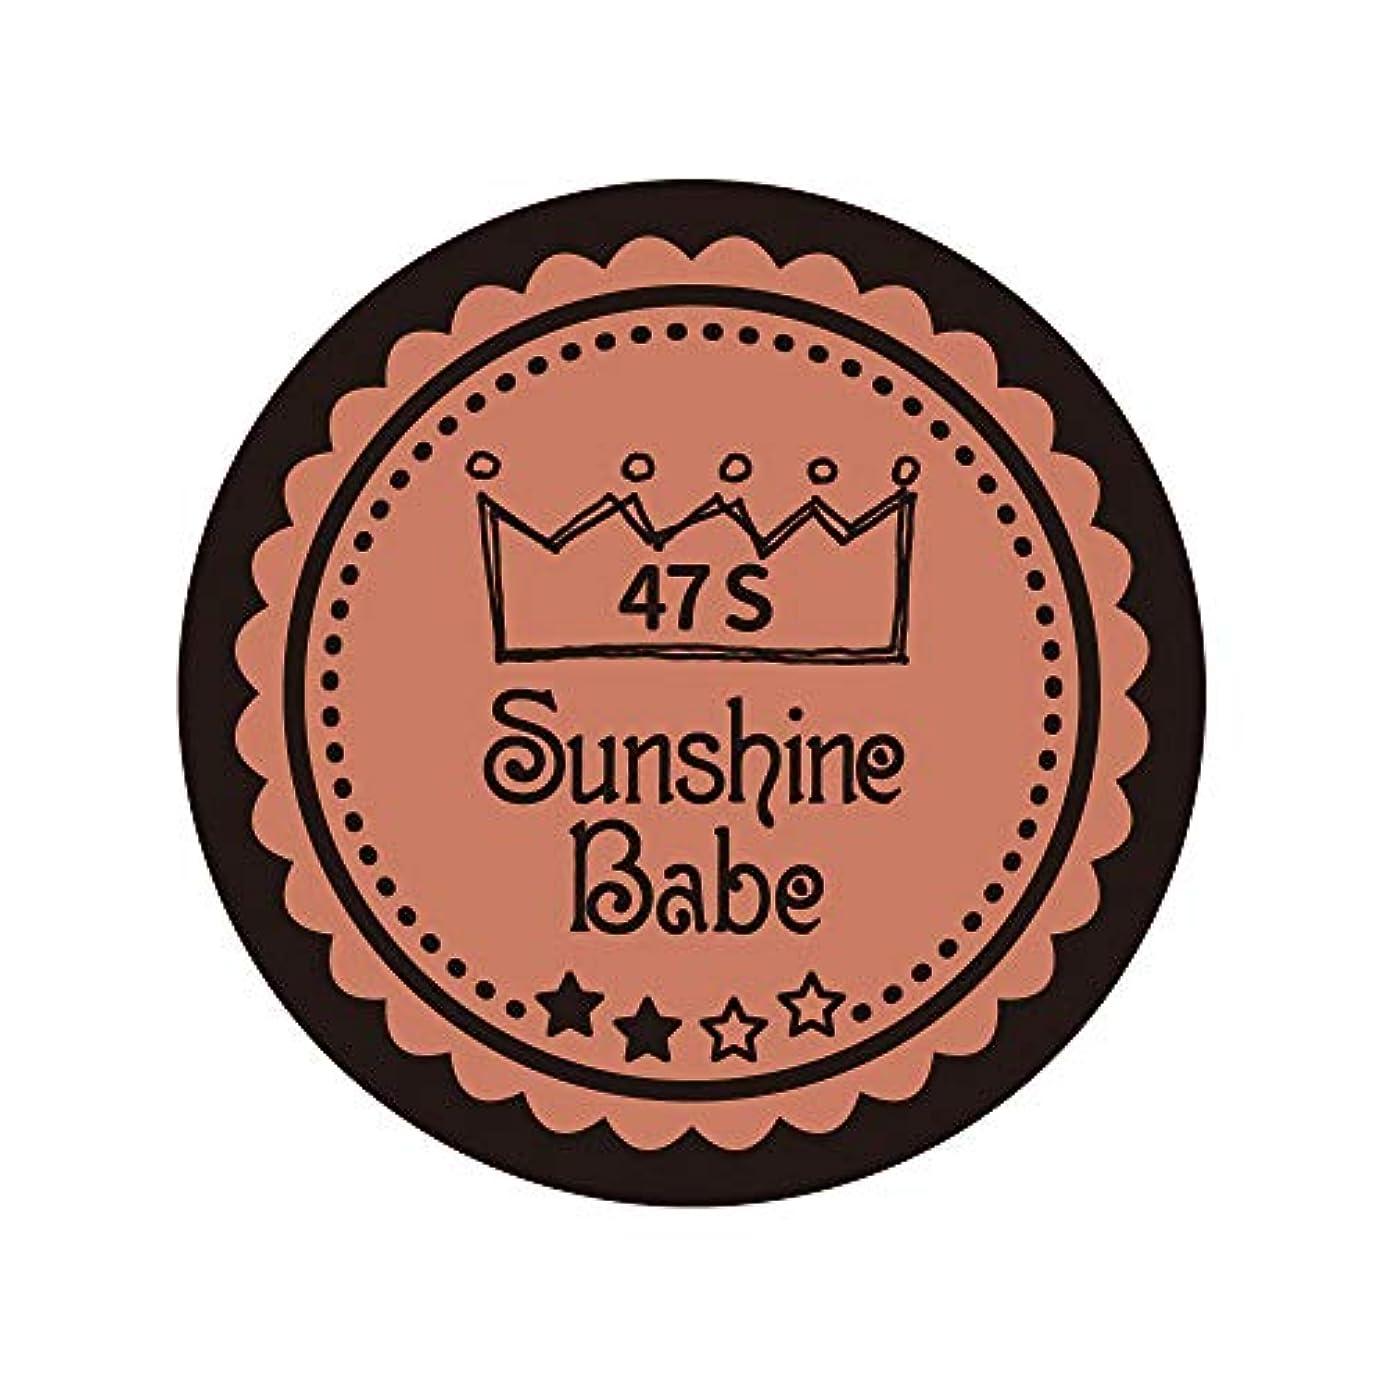 小屋以上リークSunshine Babe カラージェル 47S ピーチブラウン 2.7g UV/LED対応